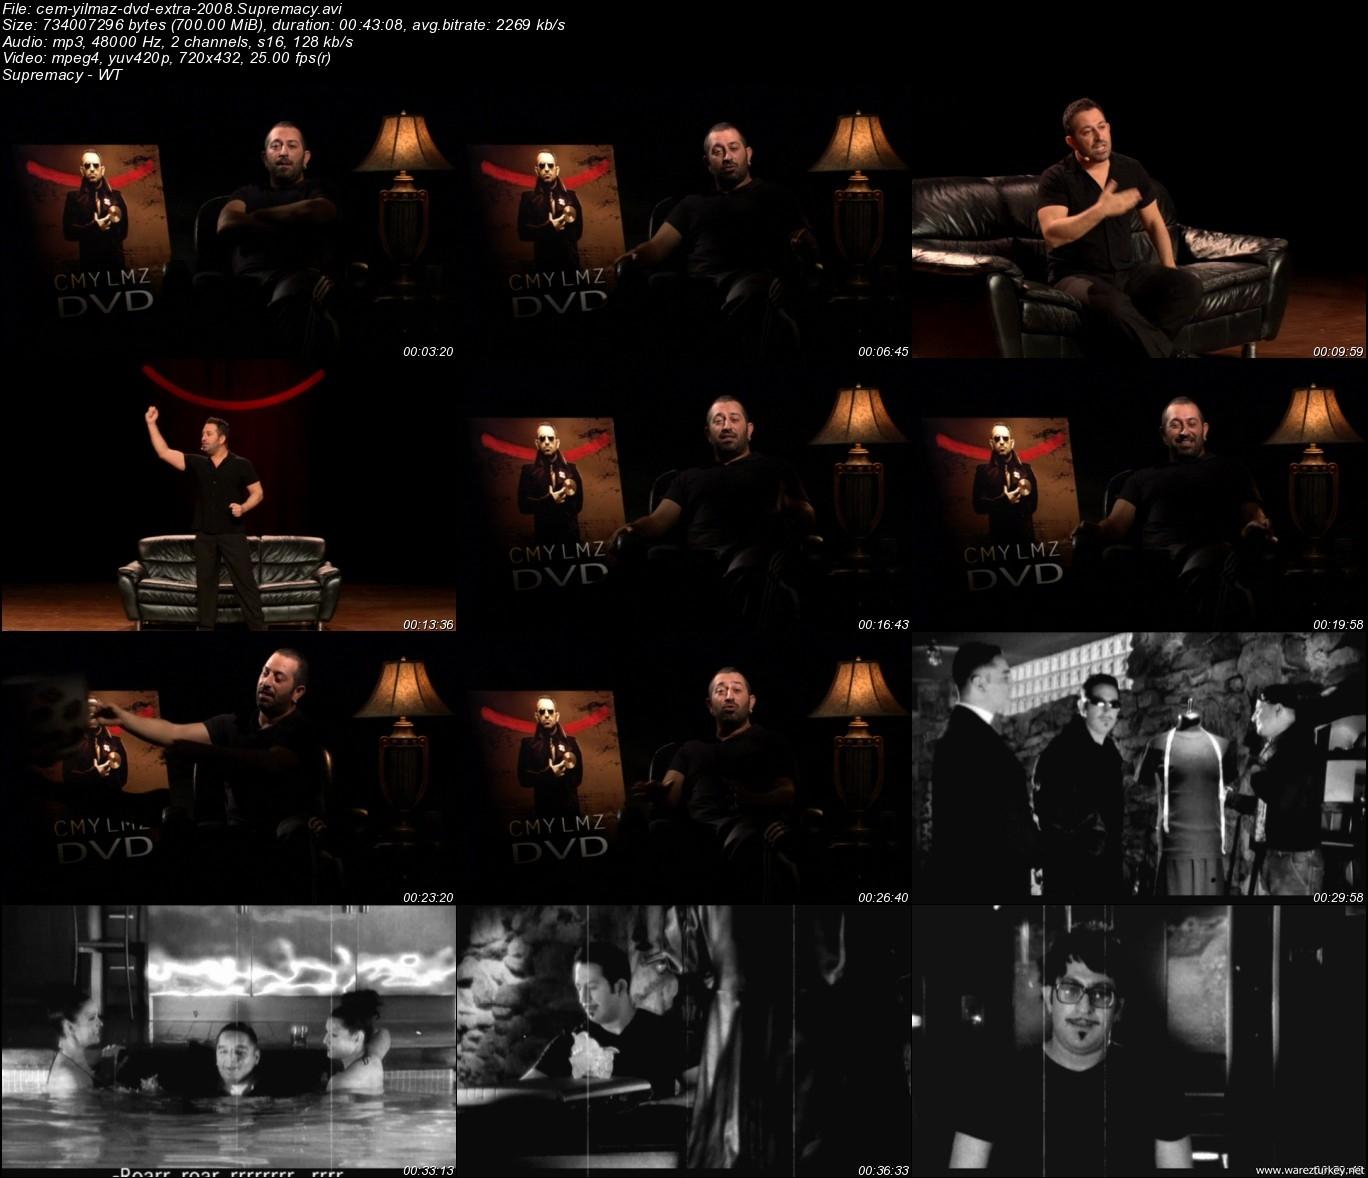 Cem Yılmaz 2008 DVDRip + DVD Ekstra indir